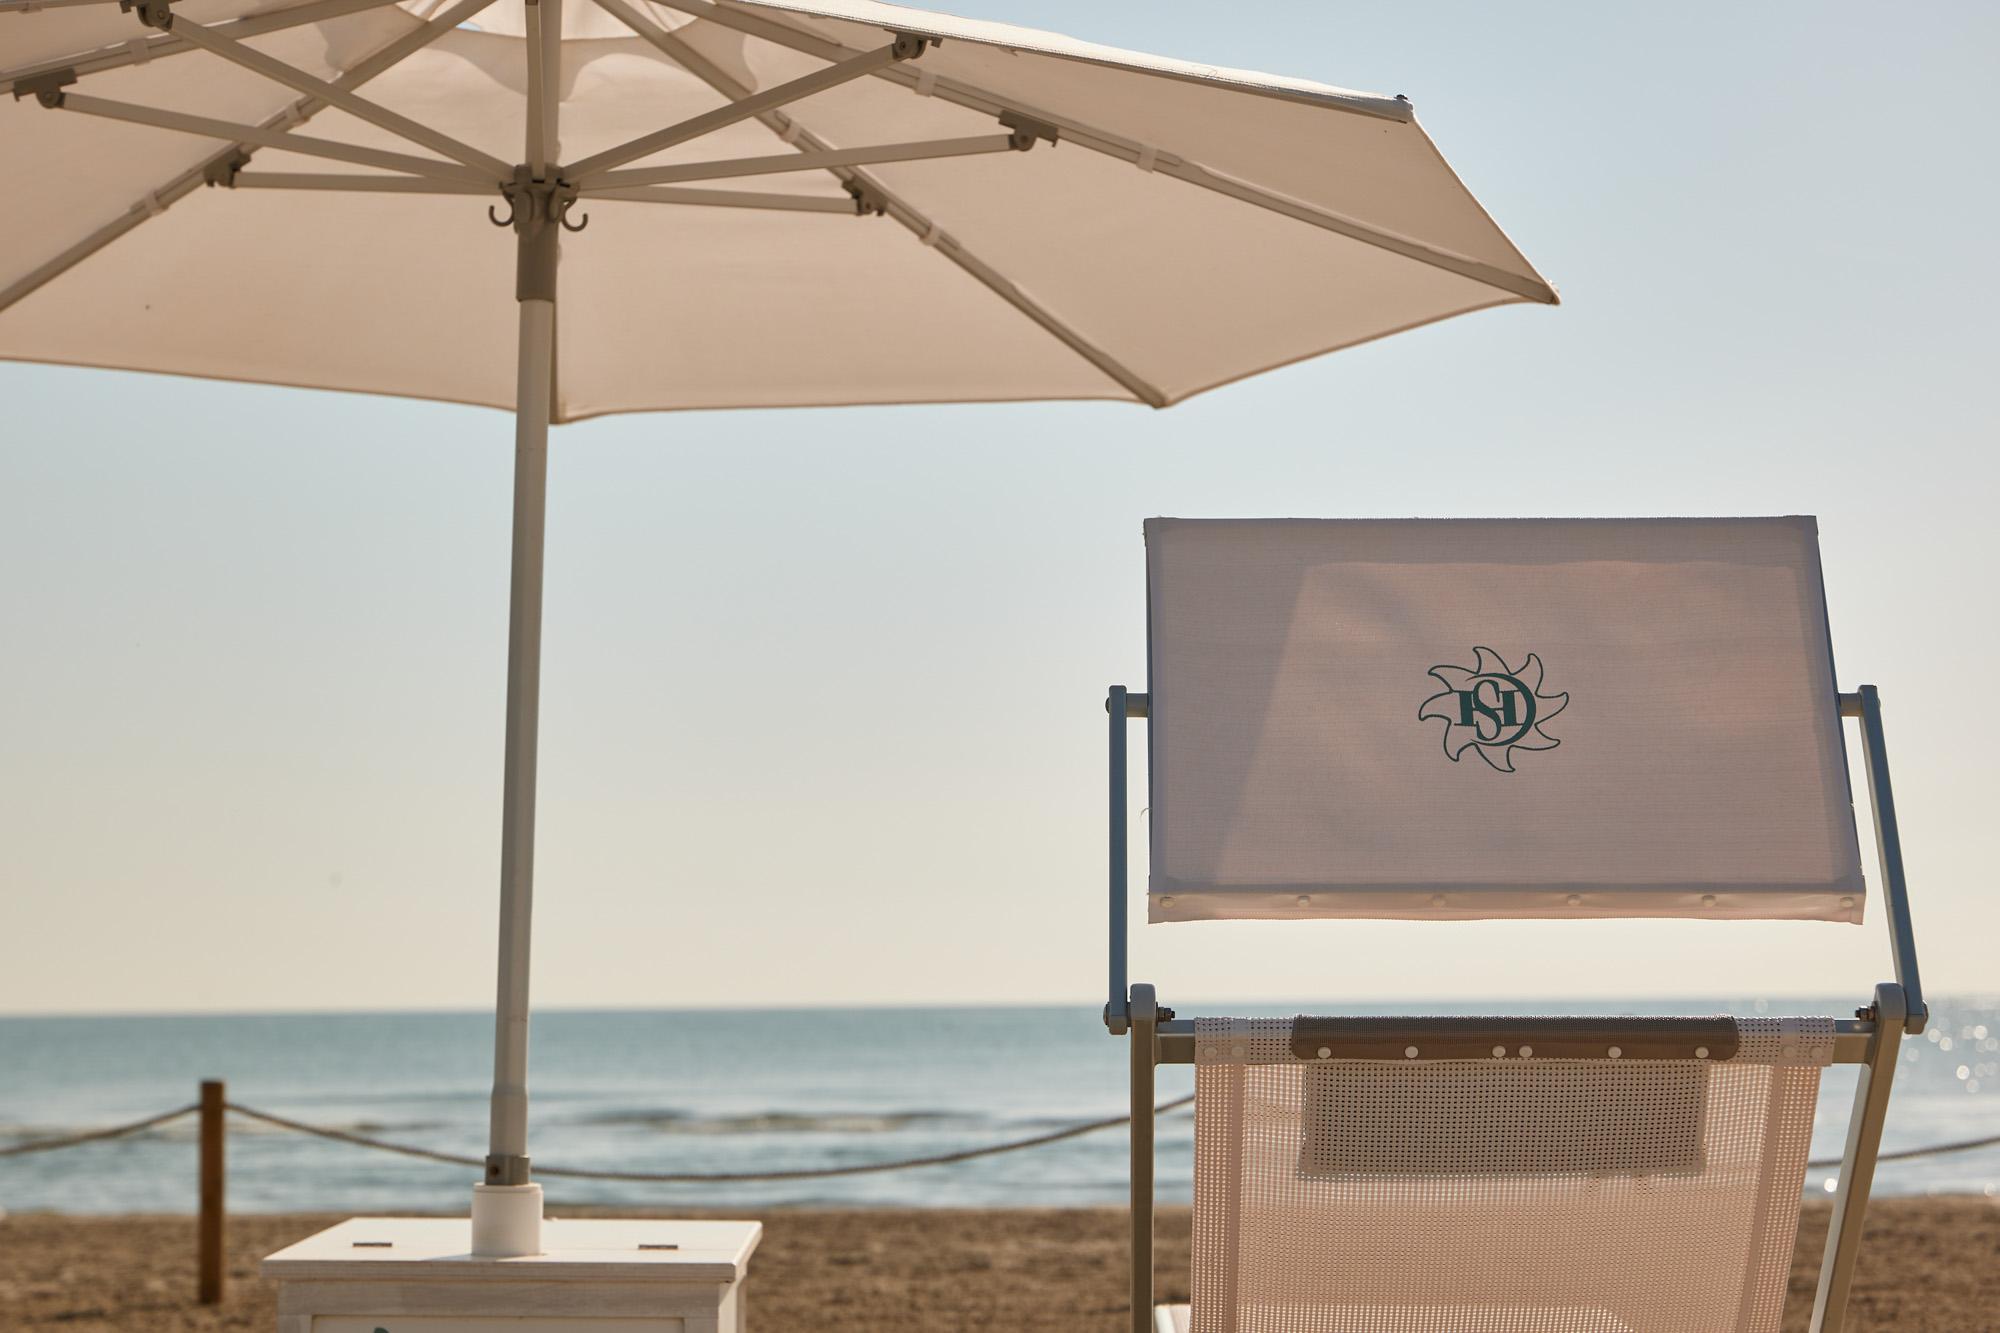 hotel saraceno 4 stelle milano marittima spiaggia privata ombrelloni distanziati 5 metri e teli mare